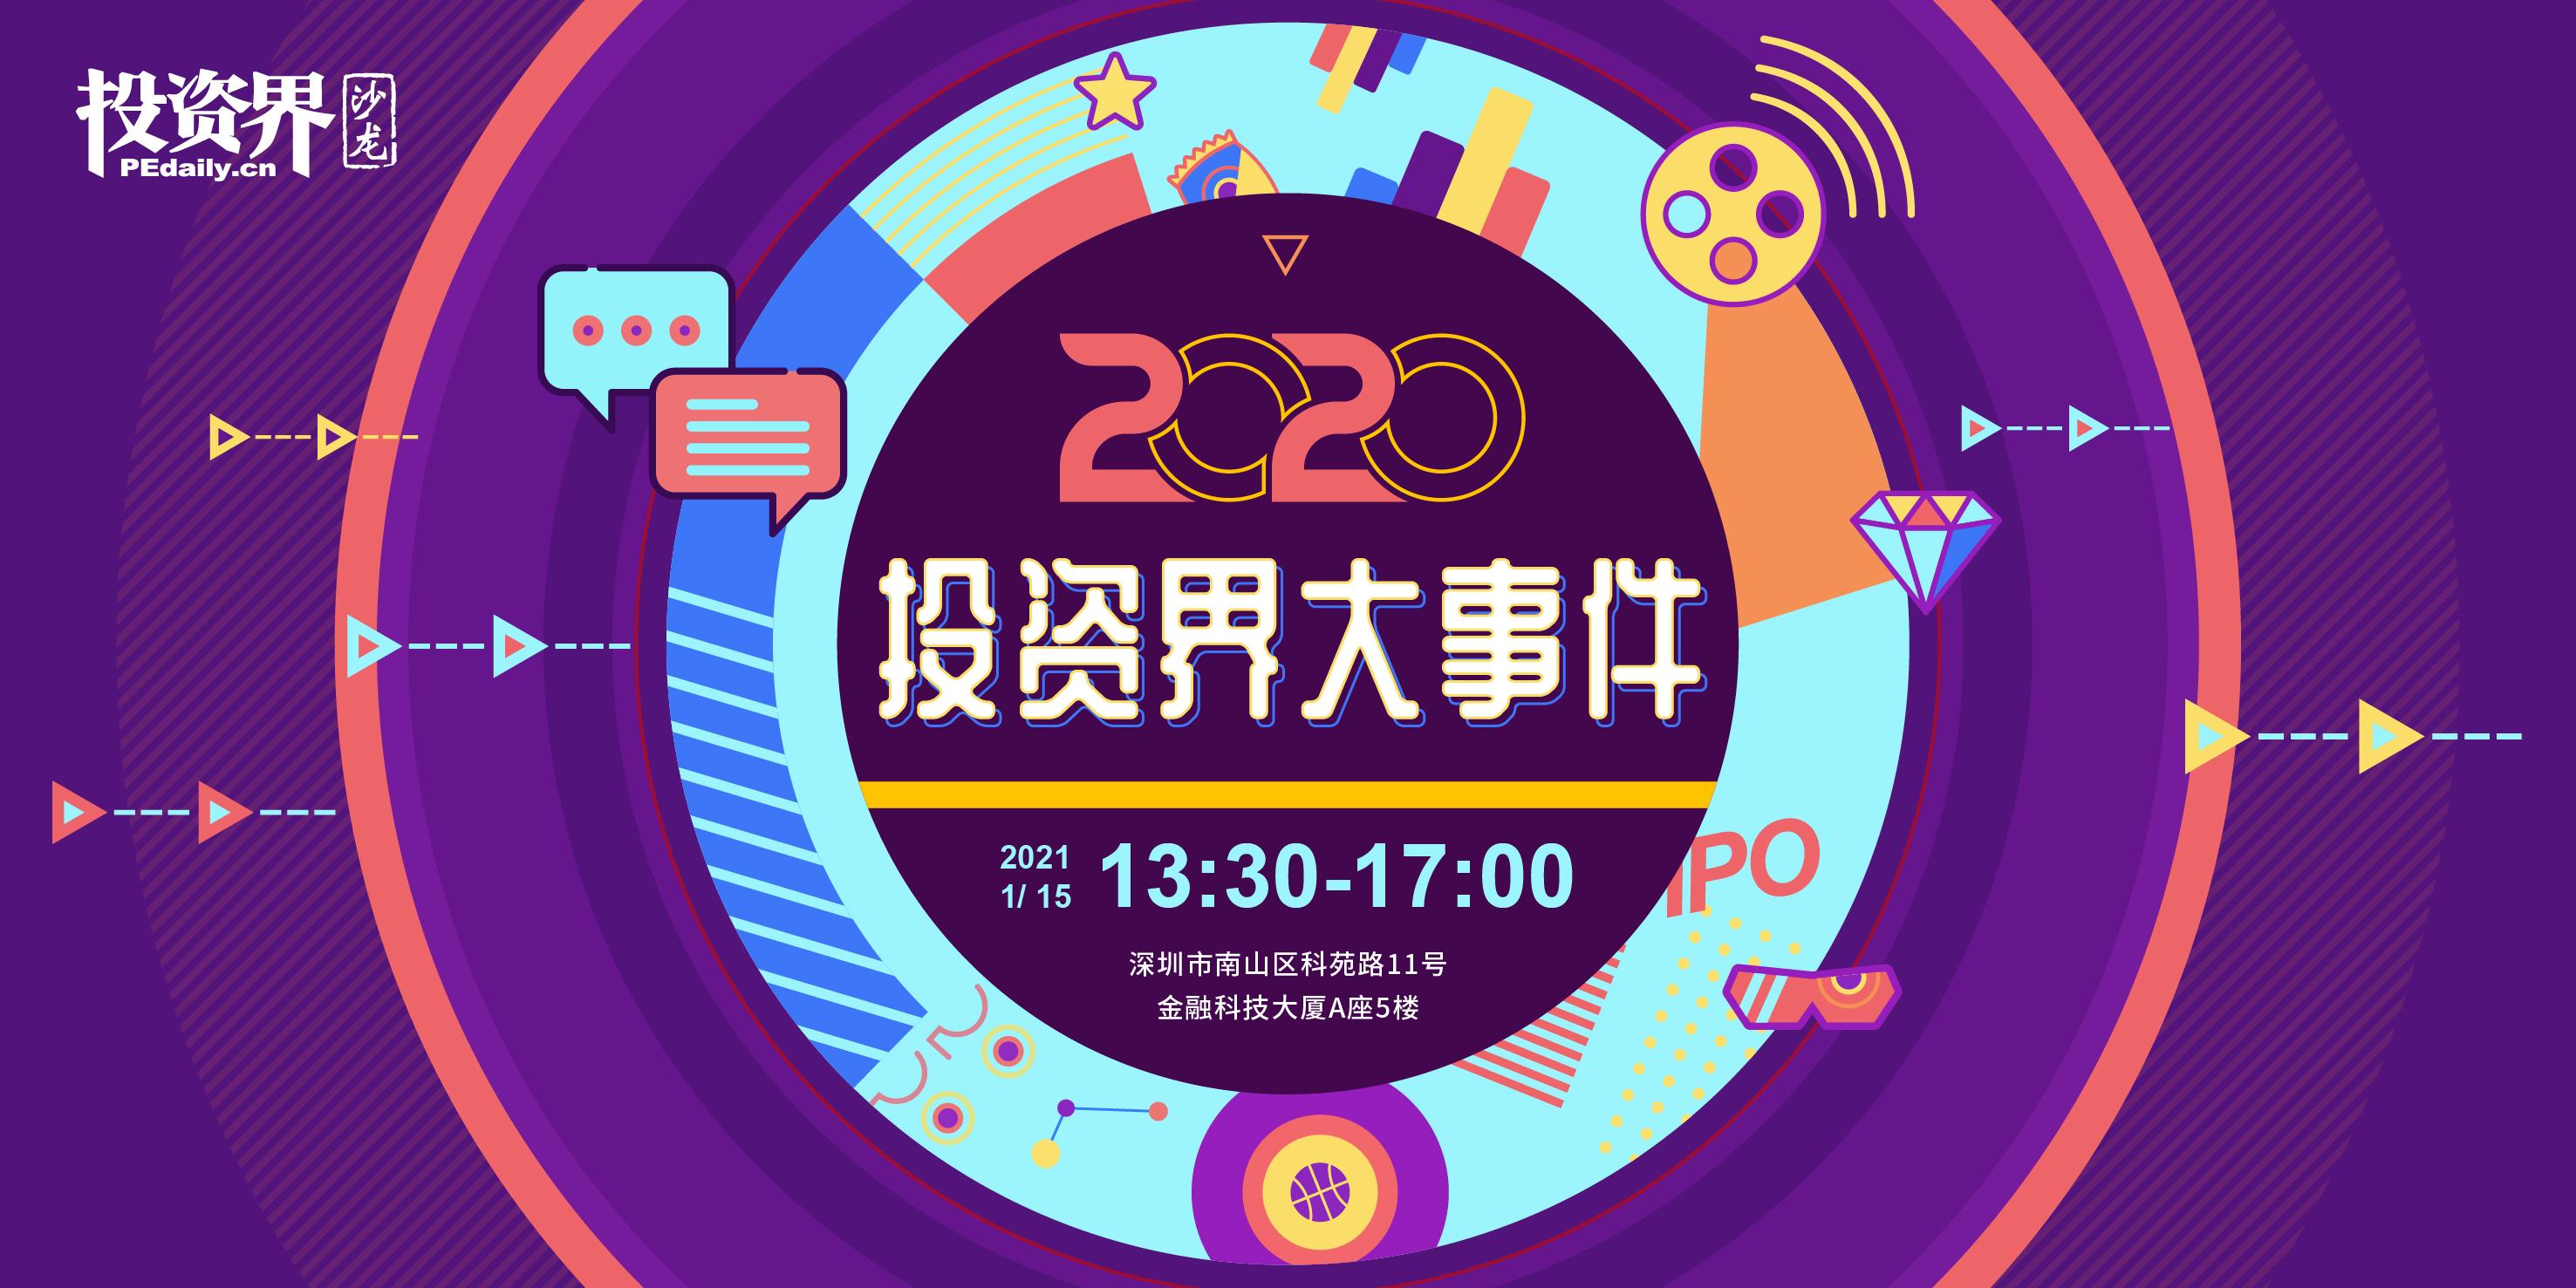 投资界沙龙-2020投资界大事件